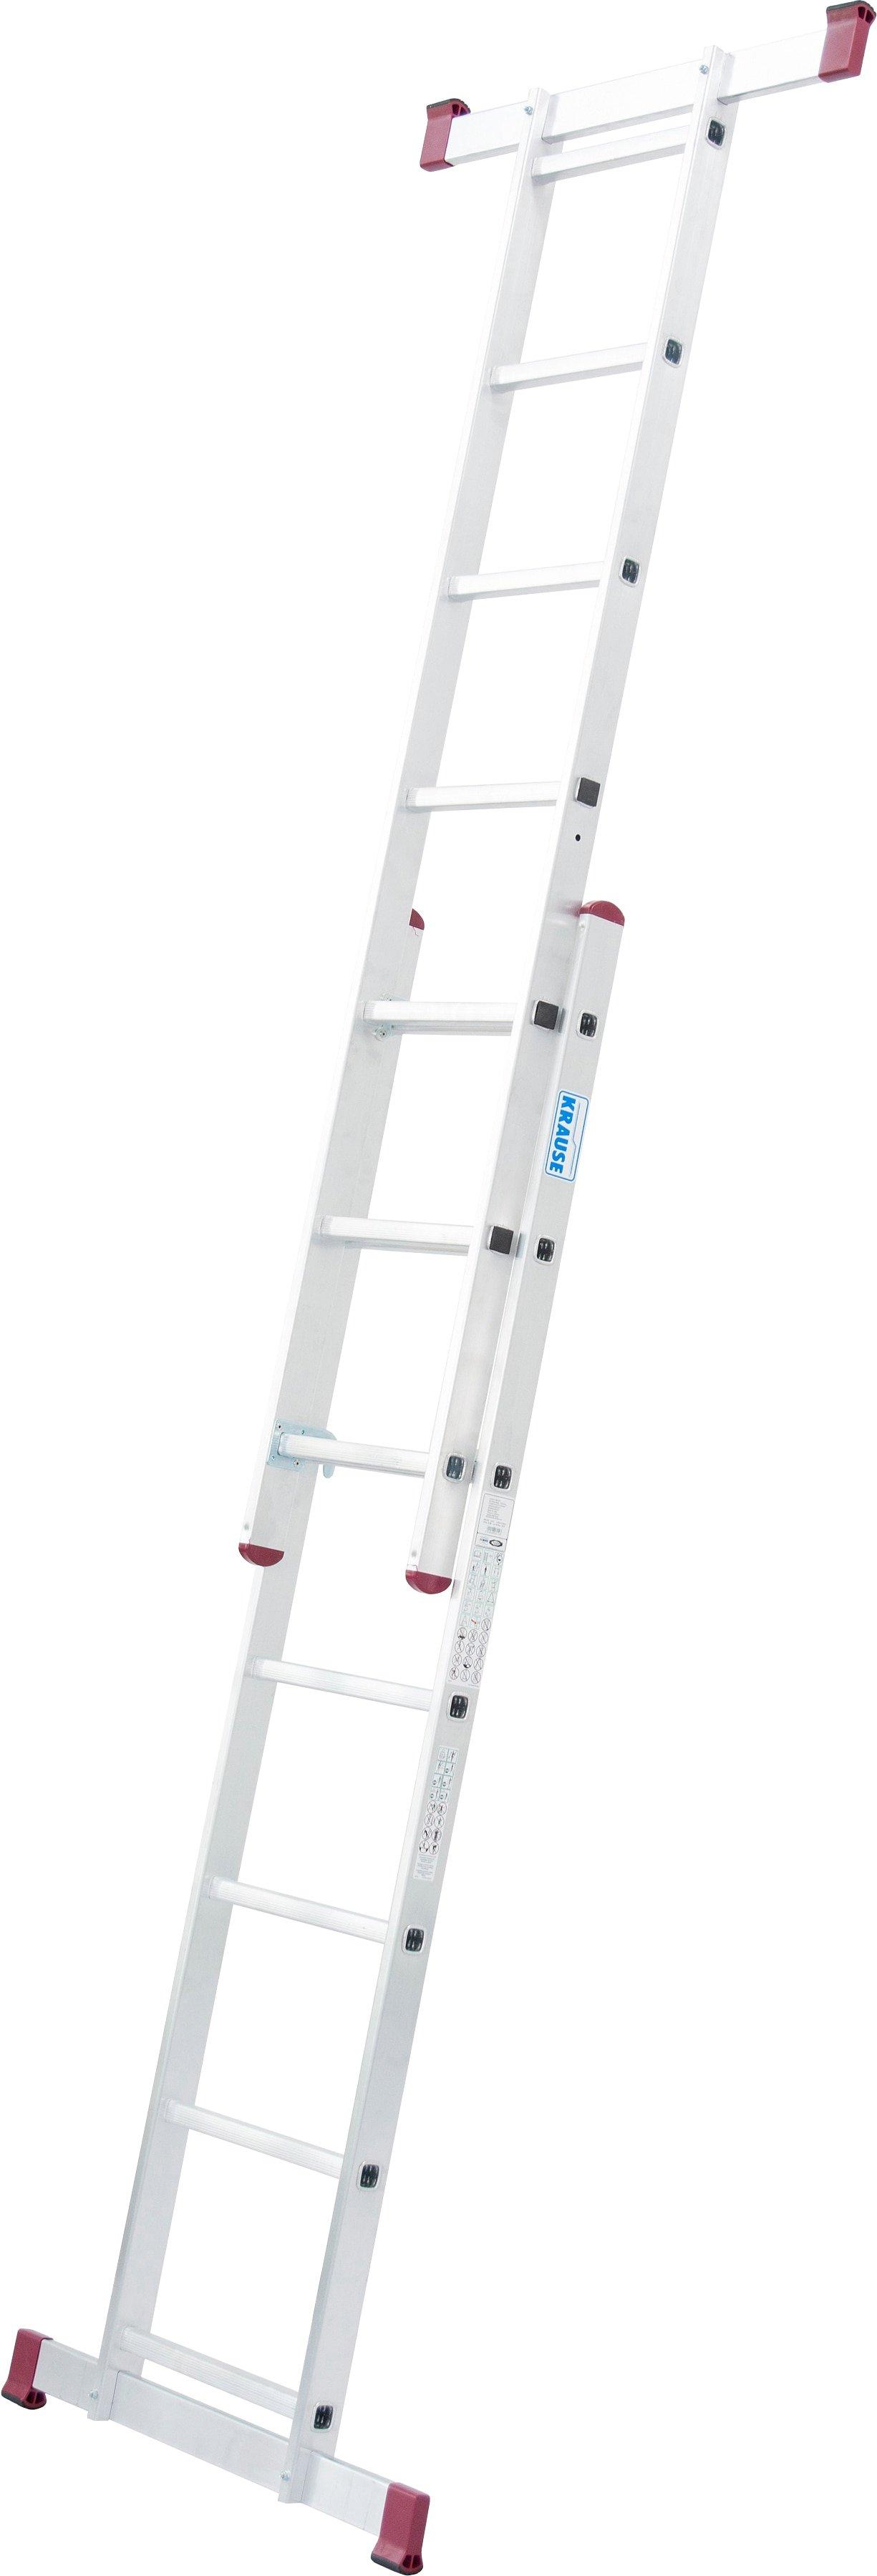 KRAUSE Leiterngerüst Corda 2x7 Sprossen